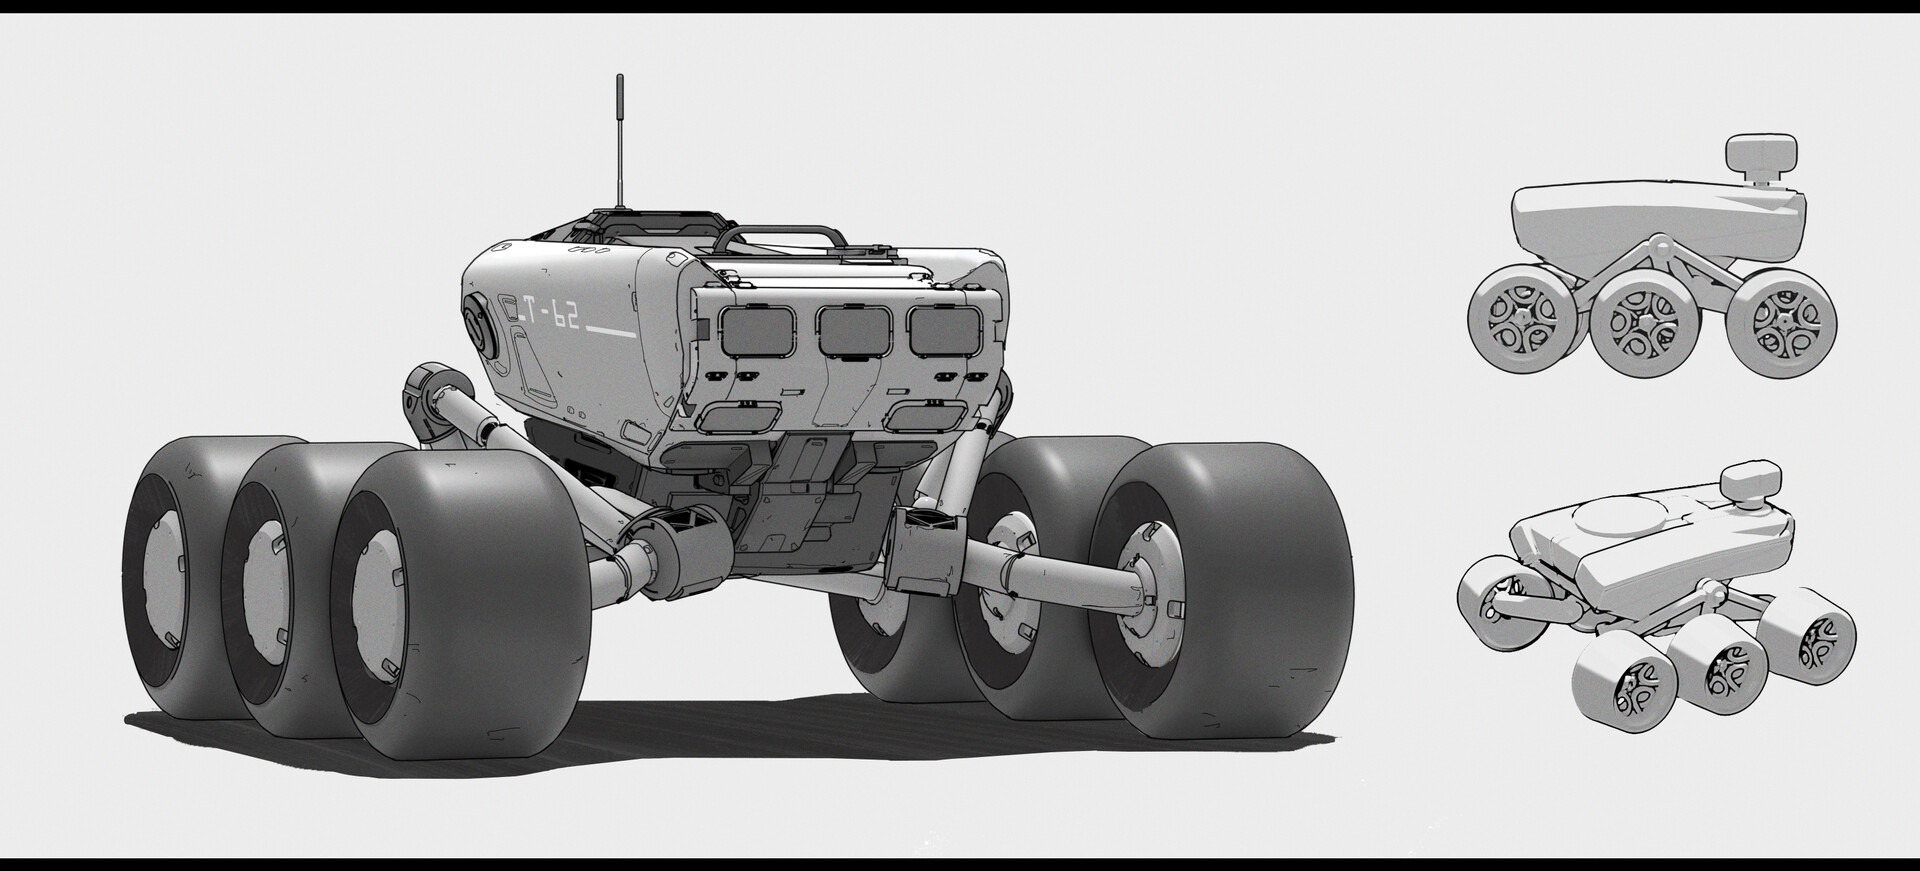 Jx saber vehicle 2